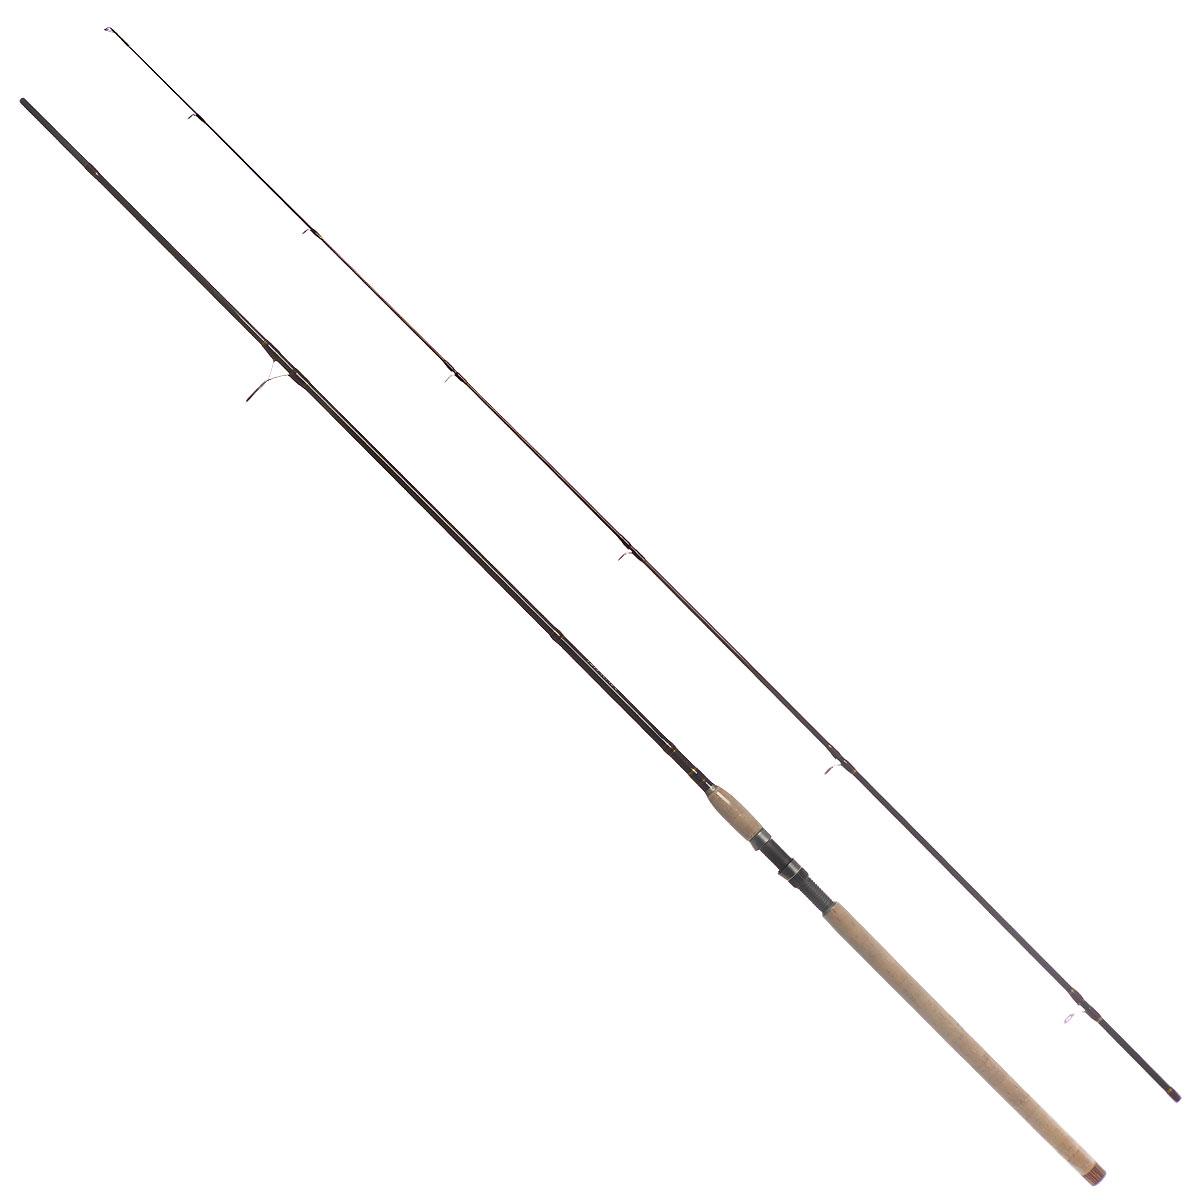 Удилище спиннинговое Daiwa New Exceler, штекерное, цвет: темно-коричневый, 2,7 м, 40-80 г удилище daiwa exceler ru 902mhfs 2 74m